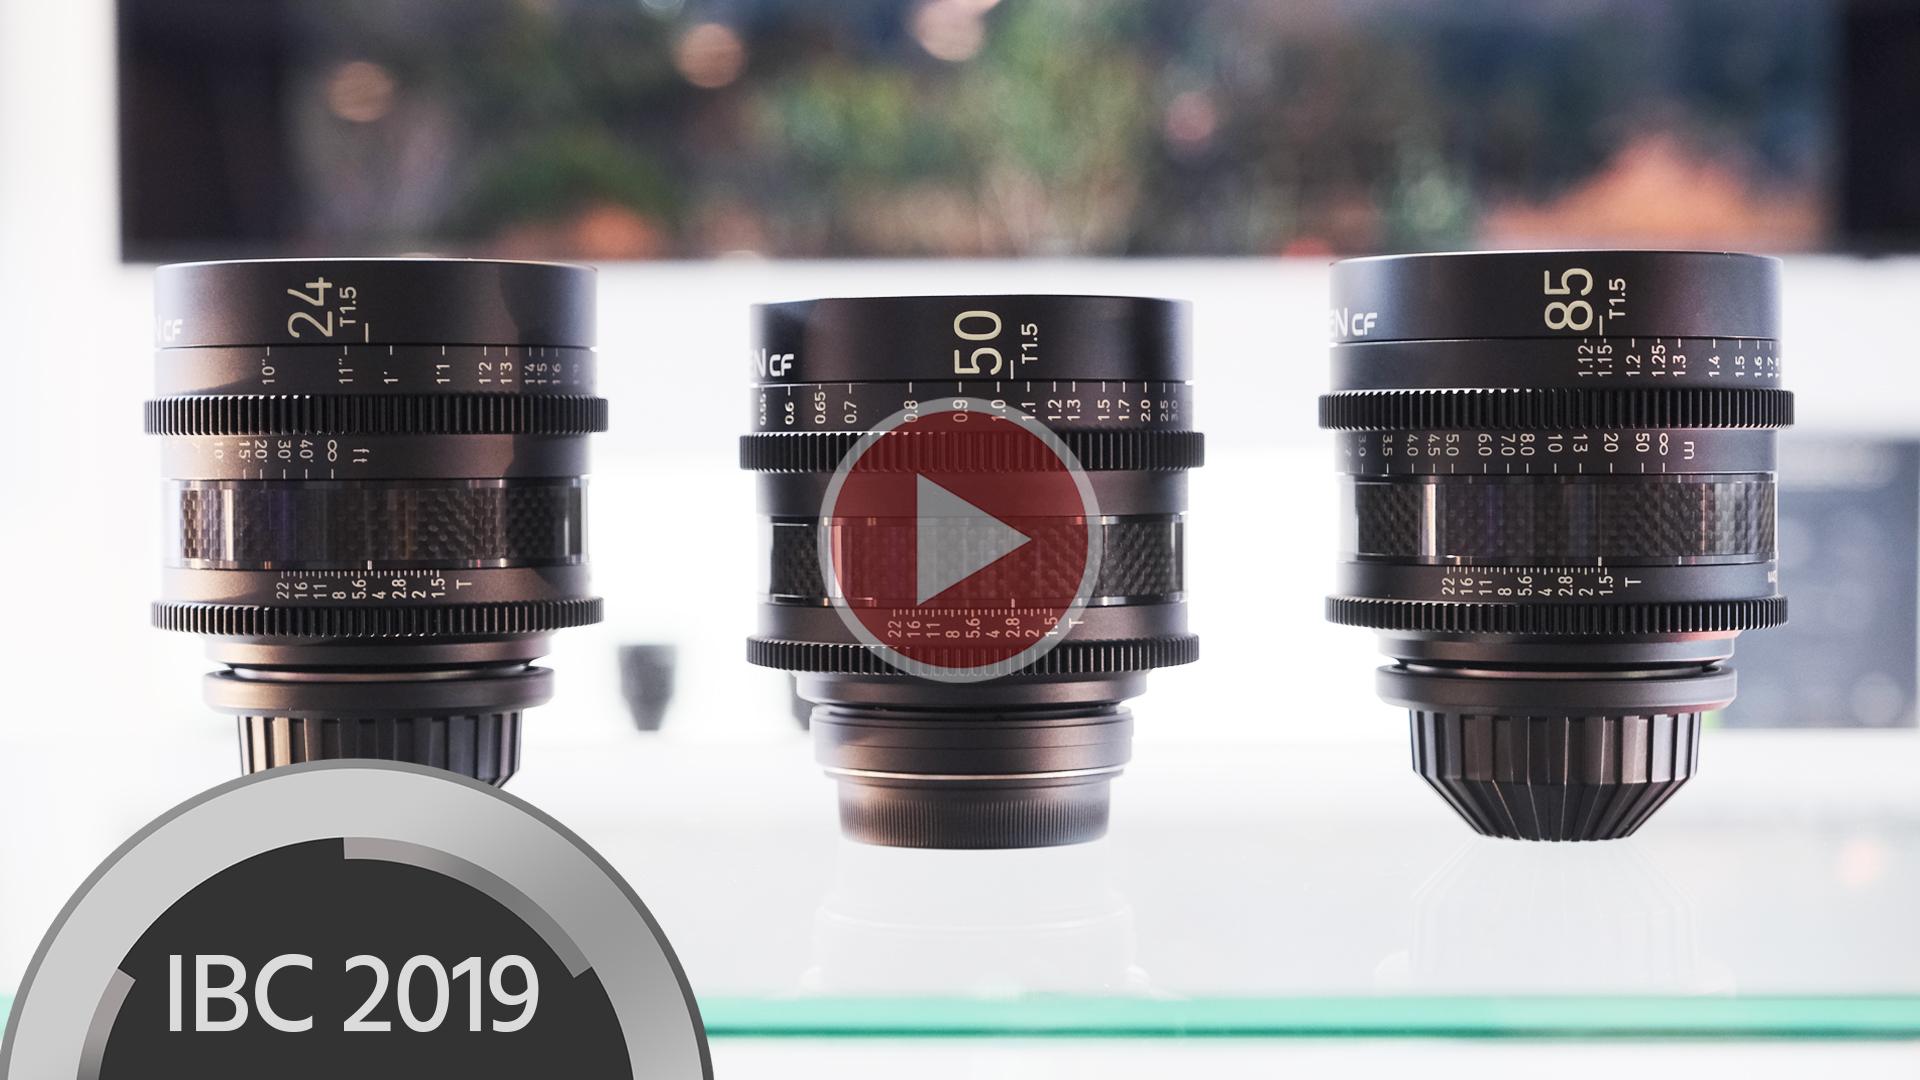 Lanzan Nuevos lentes XEEN CF Prime - compactos y livianos